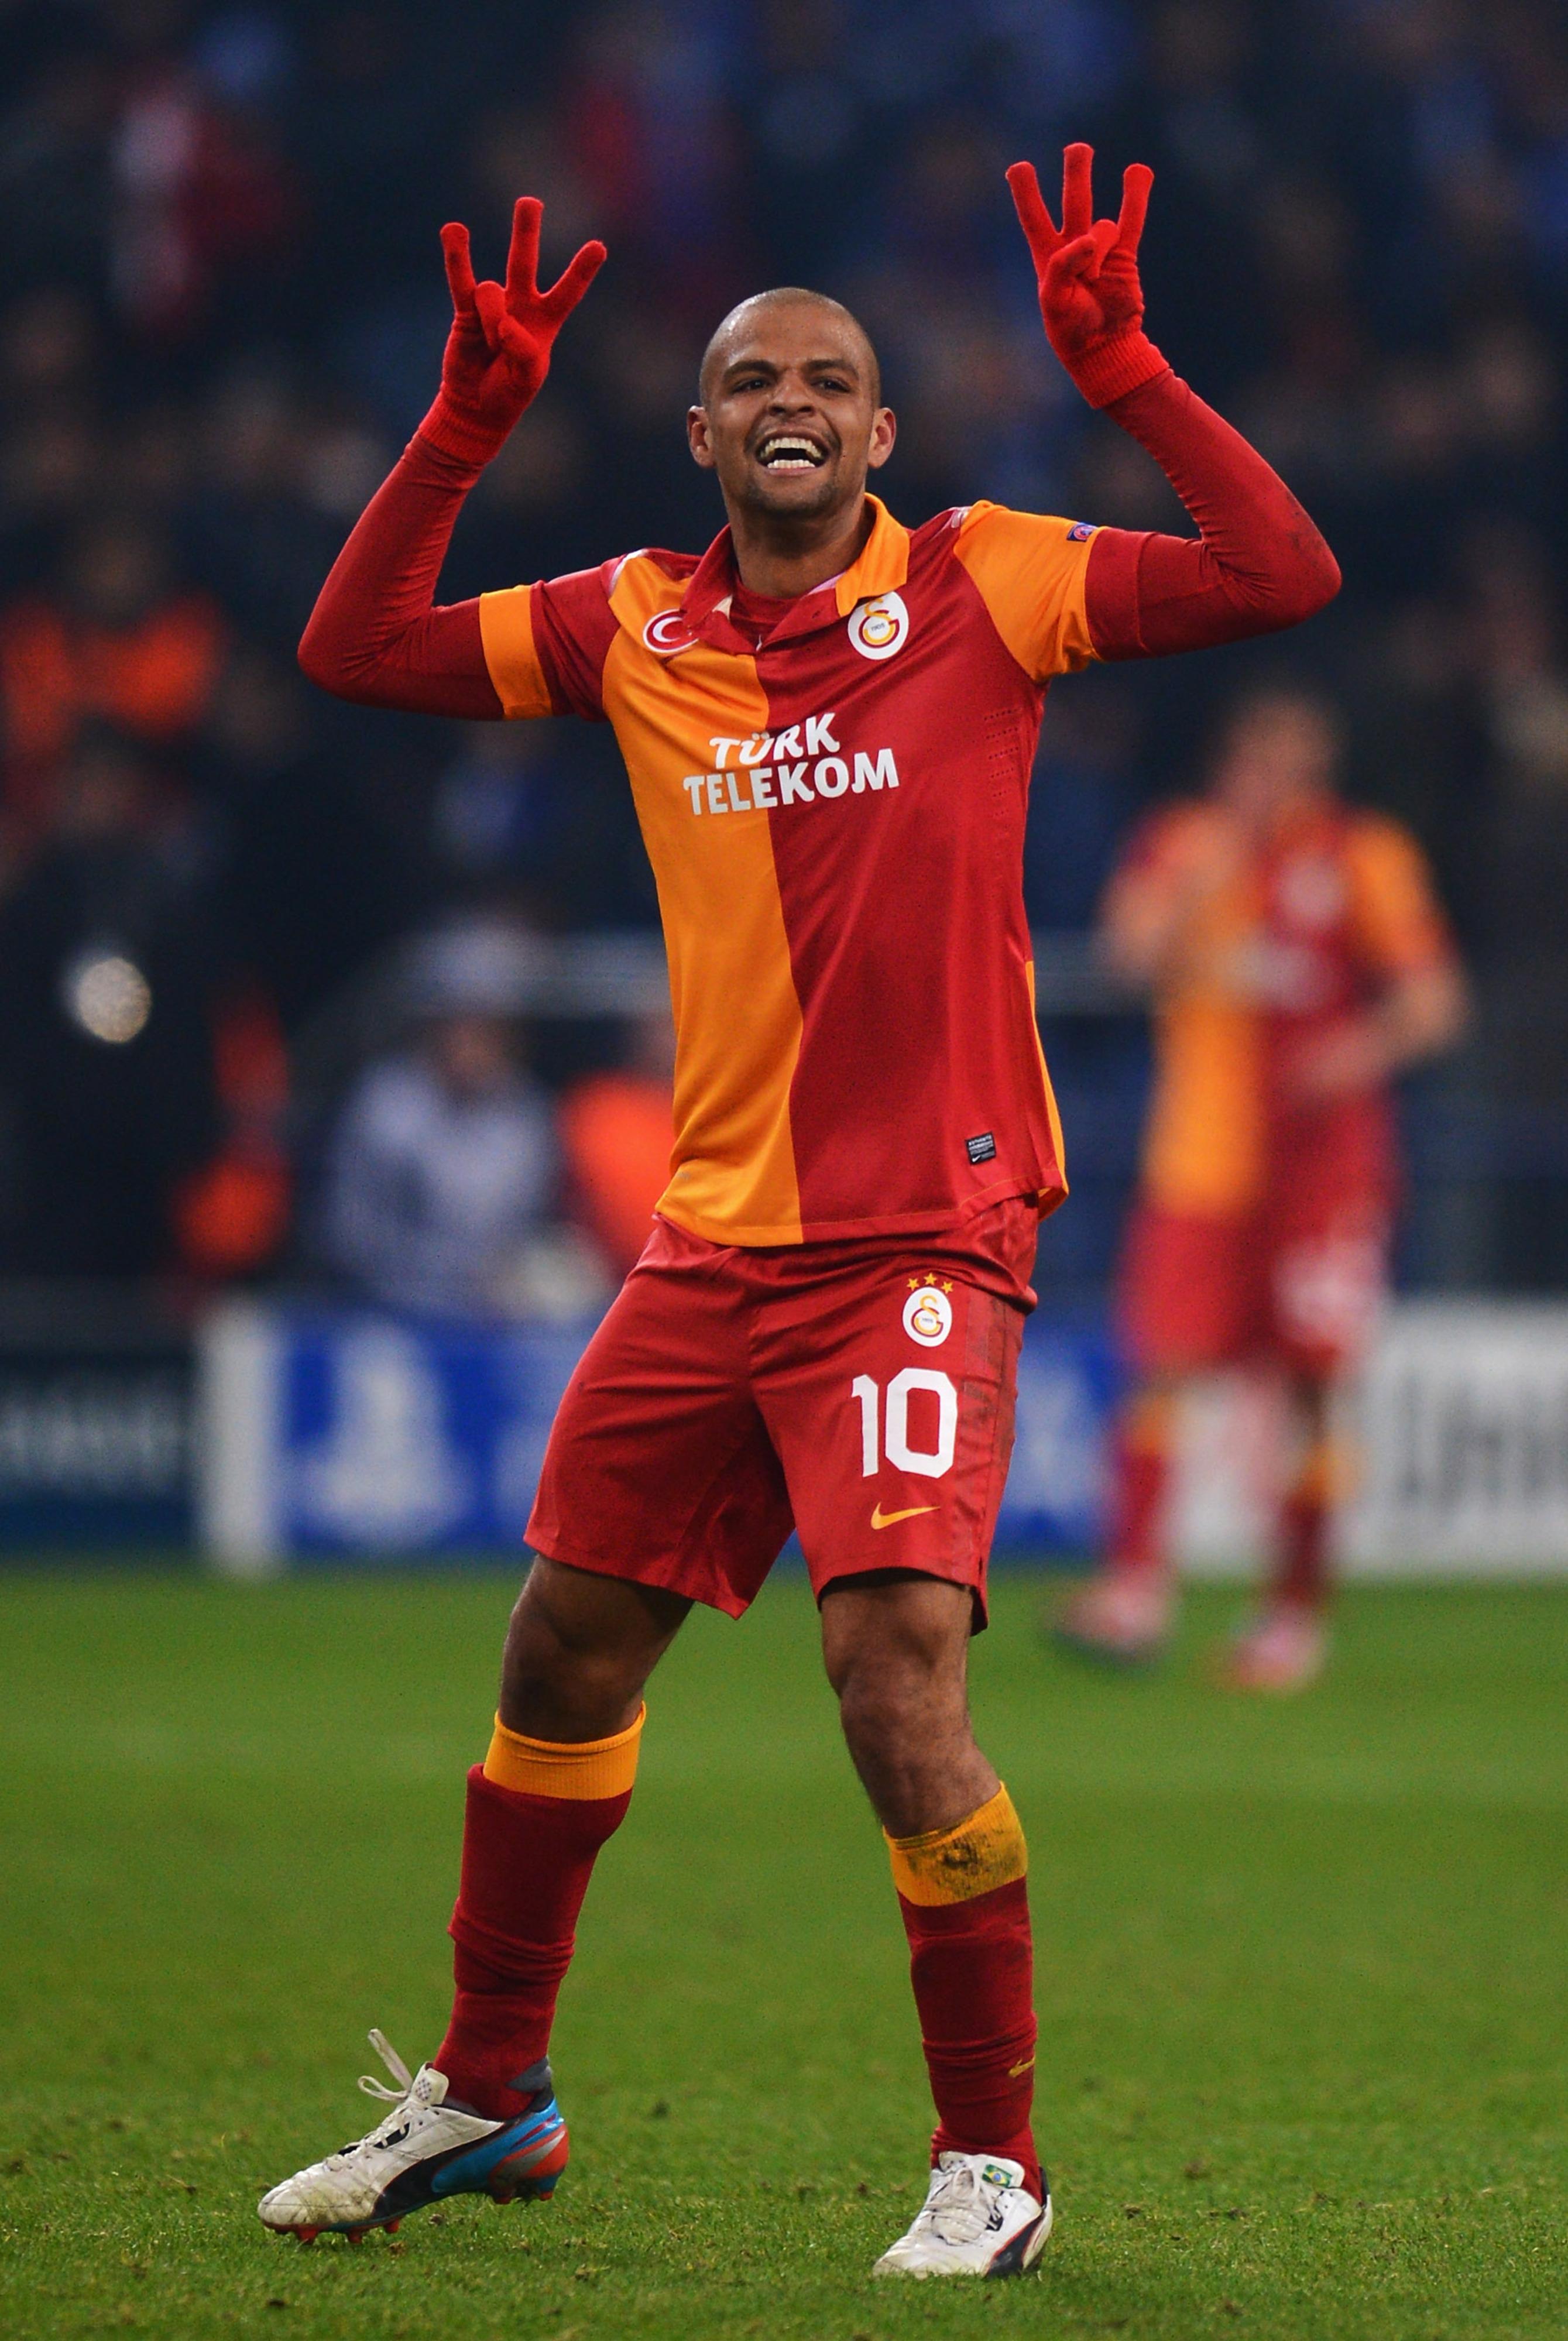 Felipe Melo: Galatasaray's No. 10.